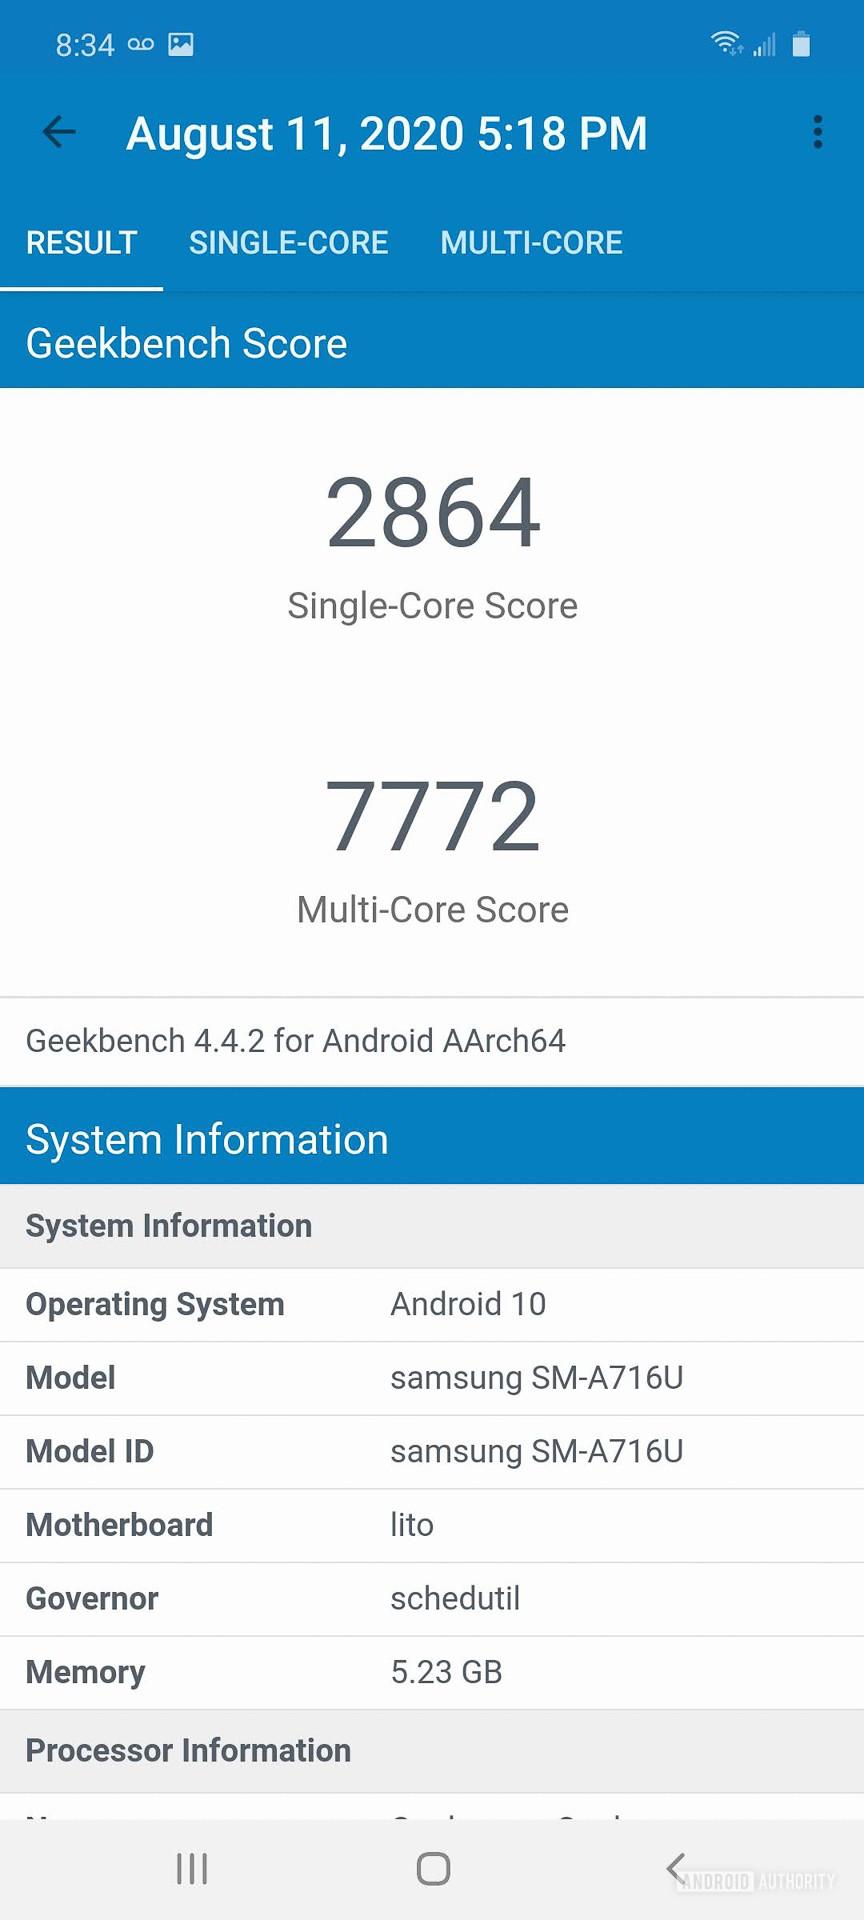 Samsung Galaxy A71 5G Geekbench